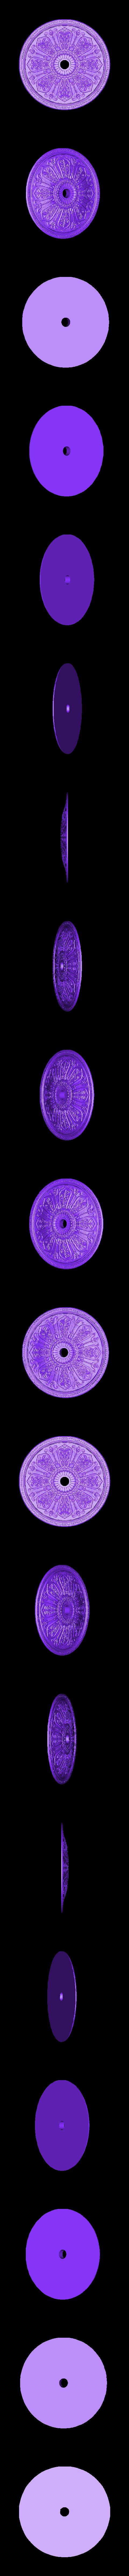 38.stl Télécharger fichier OBJ gratuit Moulures vintage pour vieux appartements classiques cnc art machine à router 3D printed • Modèle à imprimer en 3D, 3DPrinterFiles